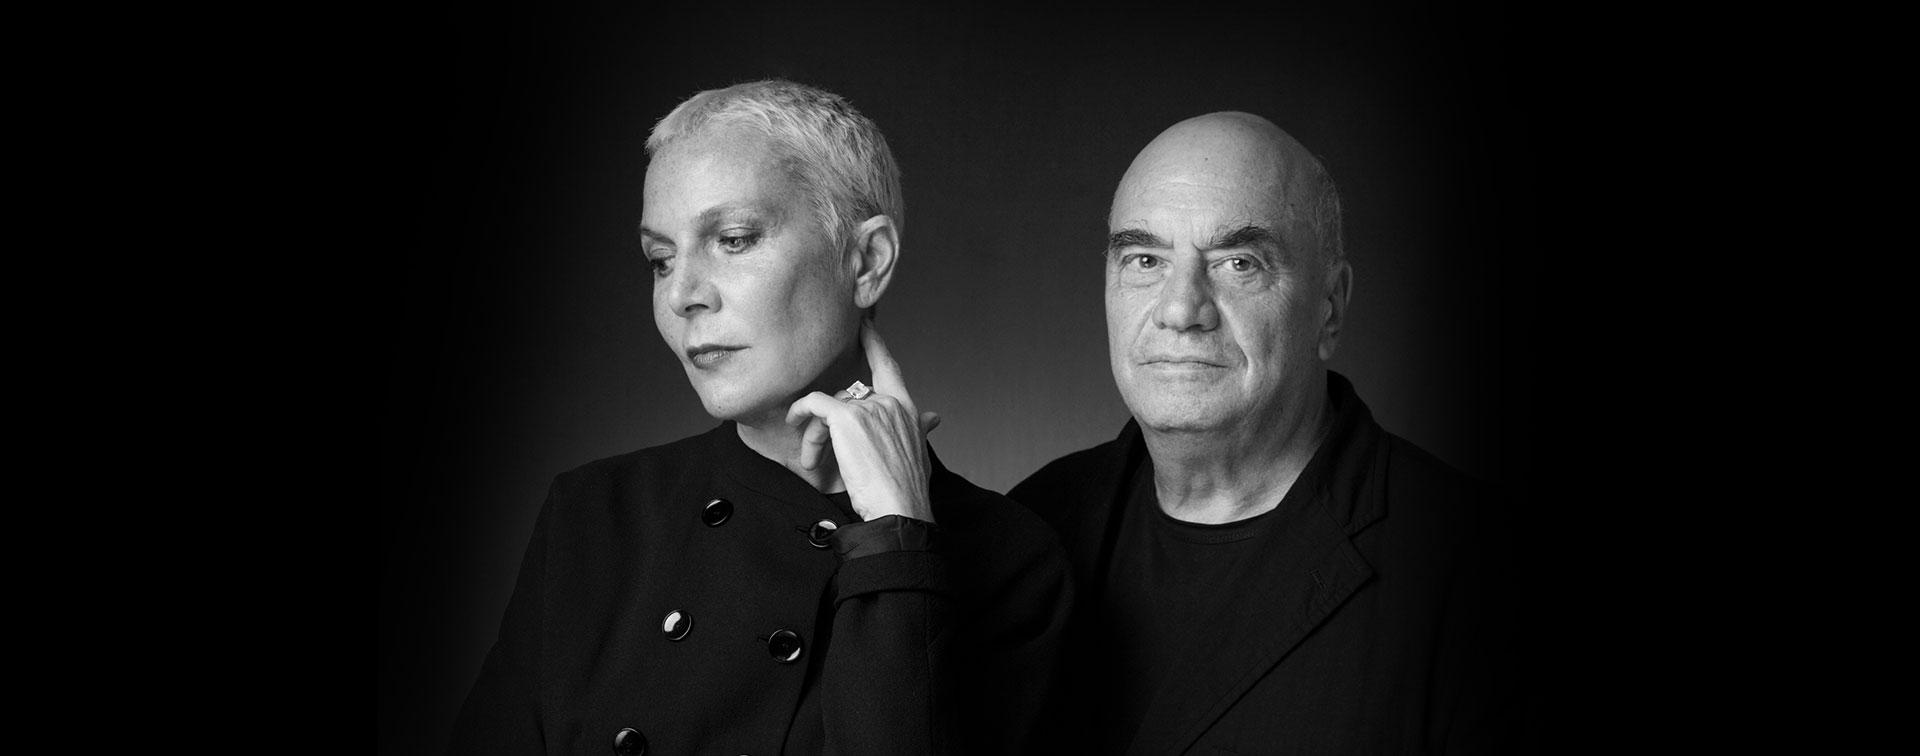 Doriana et Massimiliano Fuksas